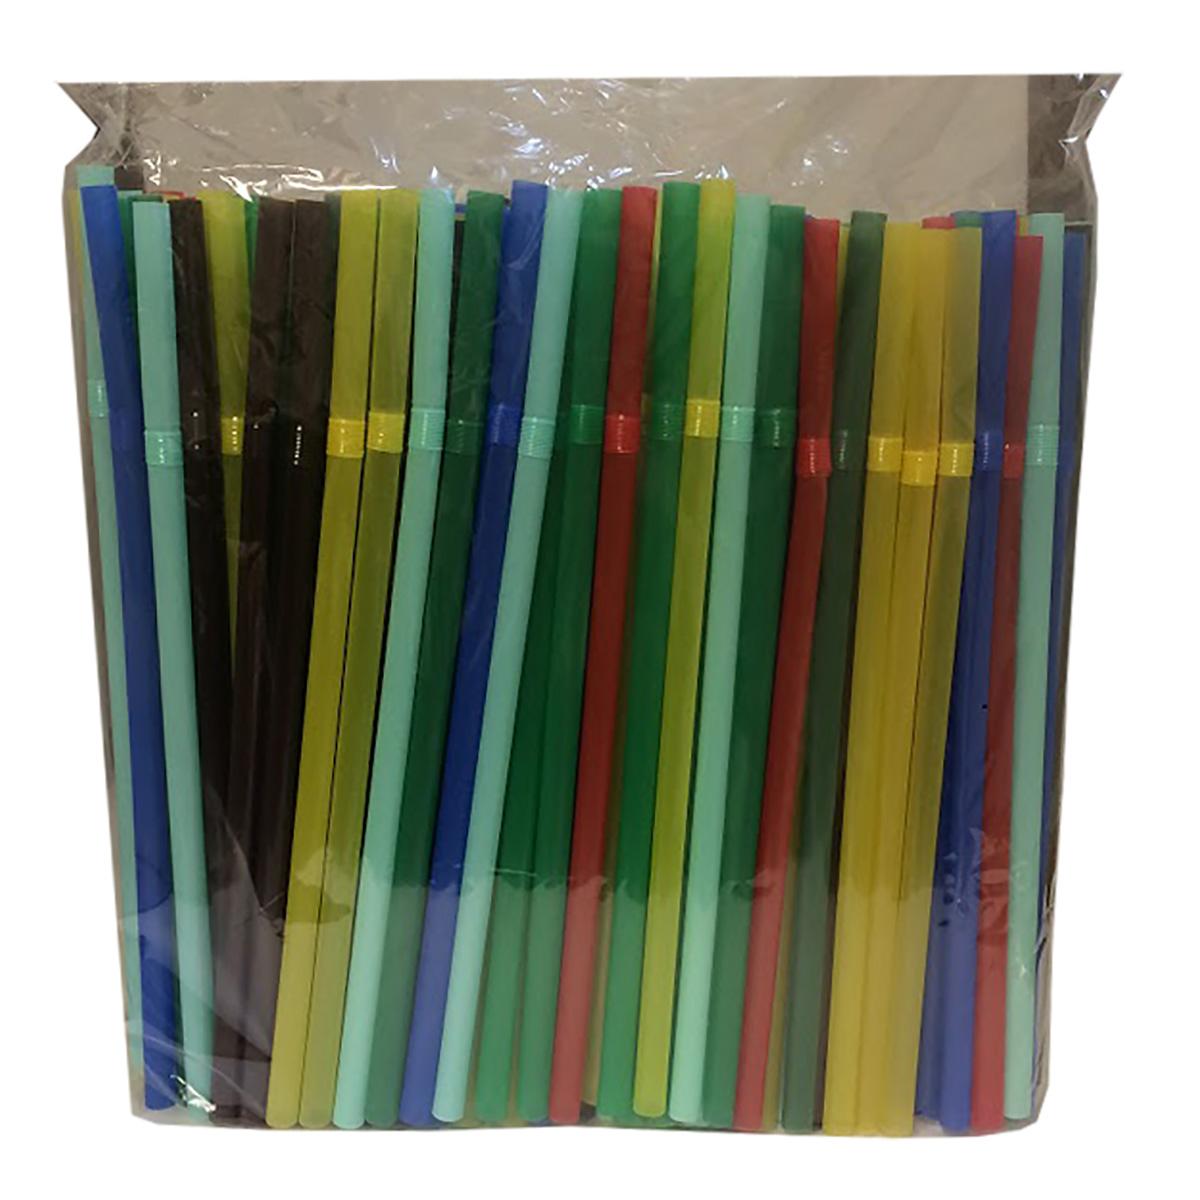 Трубочки для коктейлей Фарт Джамбо, с изгибом, 240 х 8 мм, 250 шт набор трубочек для коктейлей кристалл с изгибом 250 шт